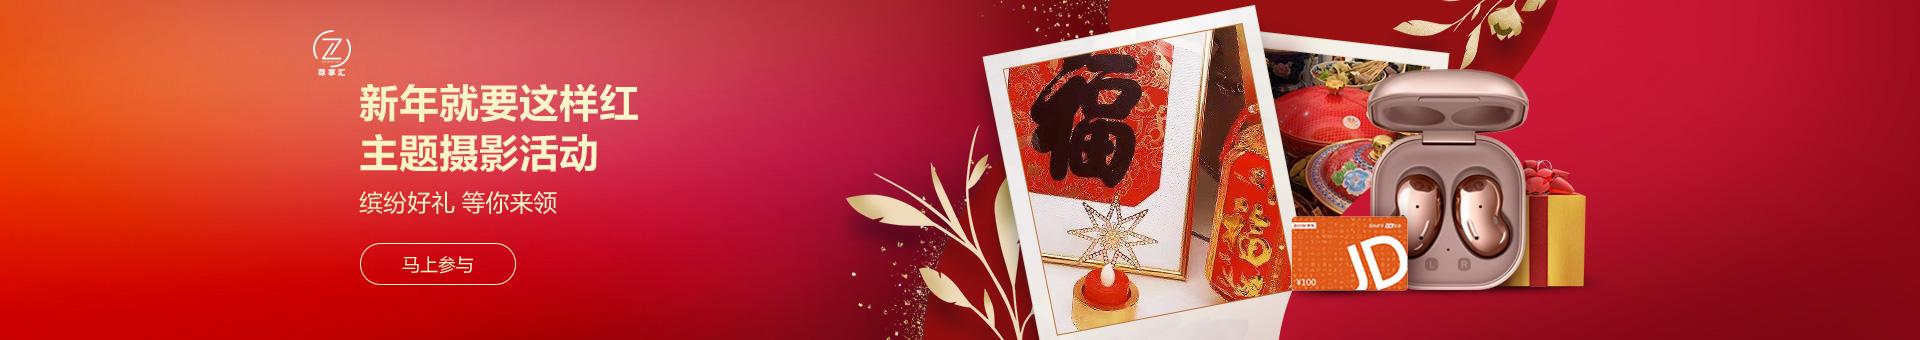 玩转色彩潮搭, 新年就要这样红!